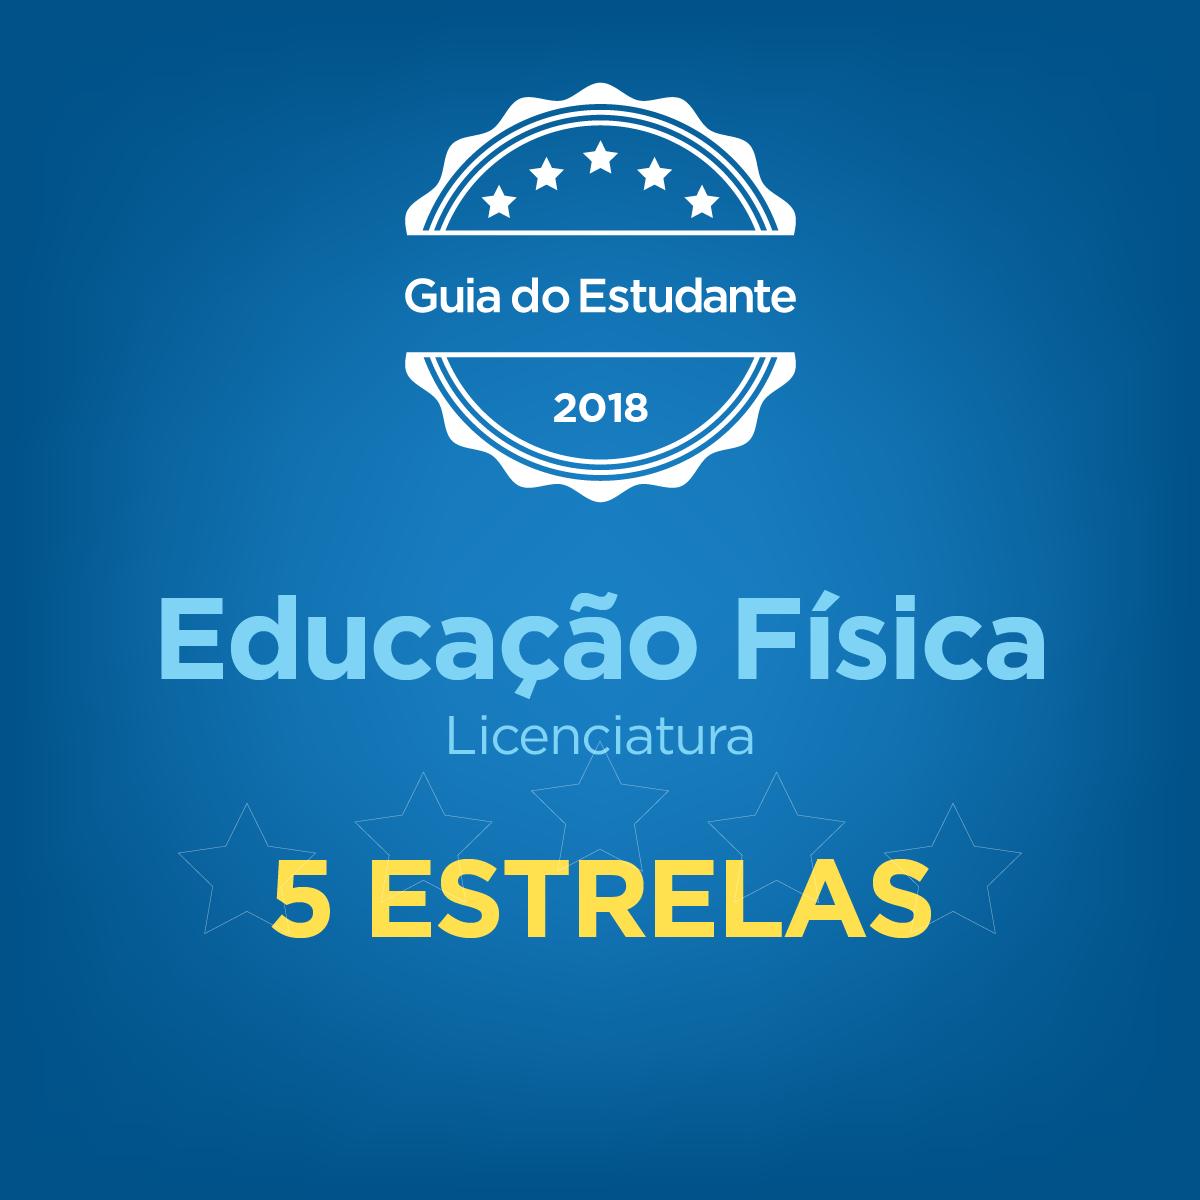 Guia do Estudante 2017 - Educação Física (Licenciatura)